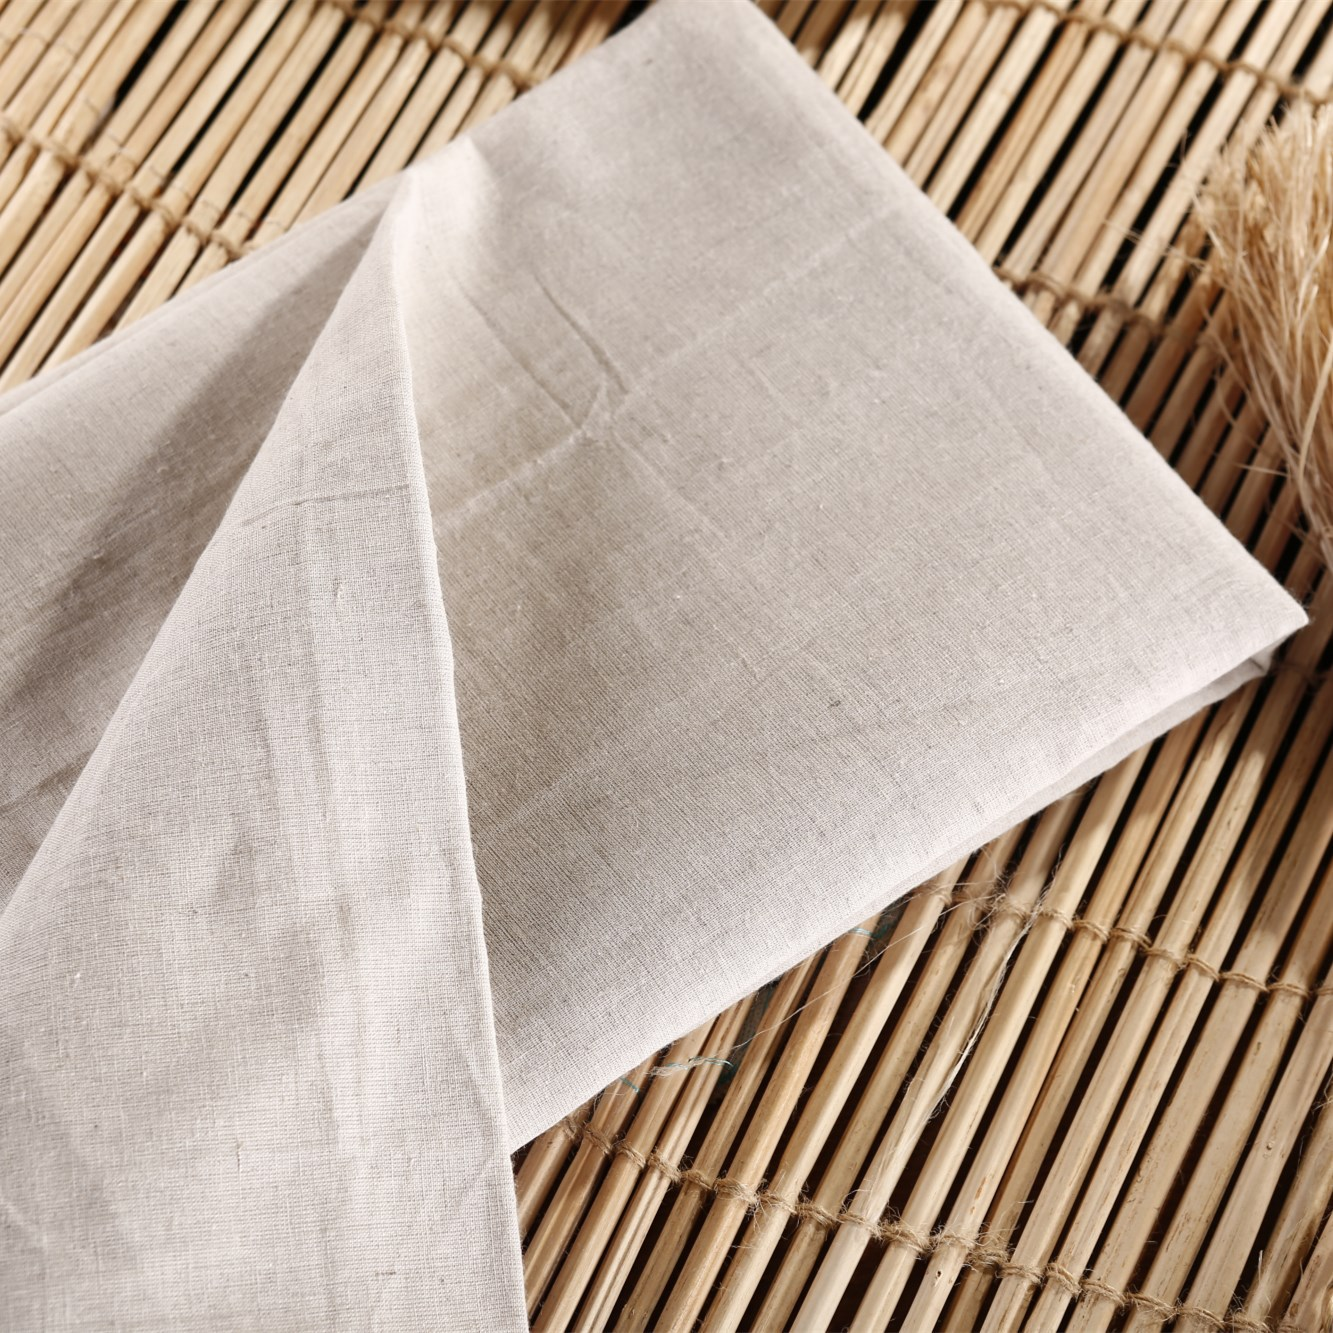 LVZHOU Vải Cotton pha Các nhà sản xuất cung cấp từ kho của các thông số kỹ thuật khác nhau của vải l